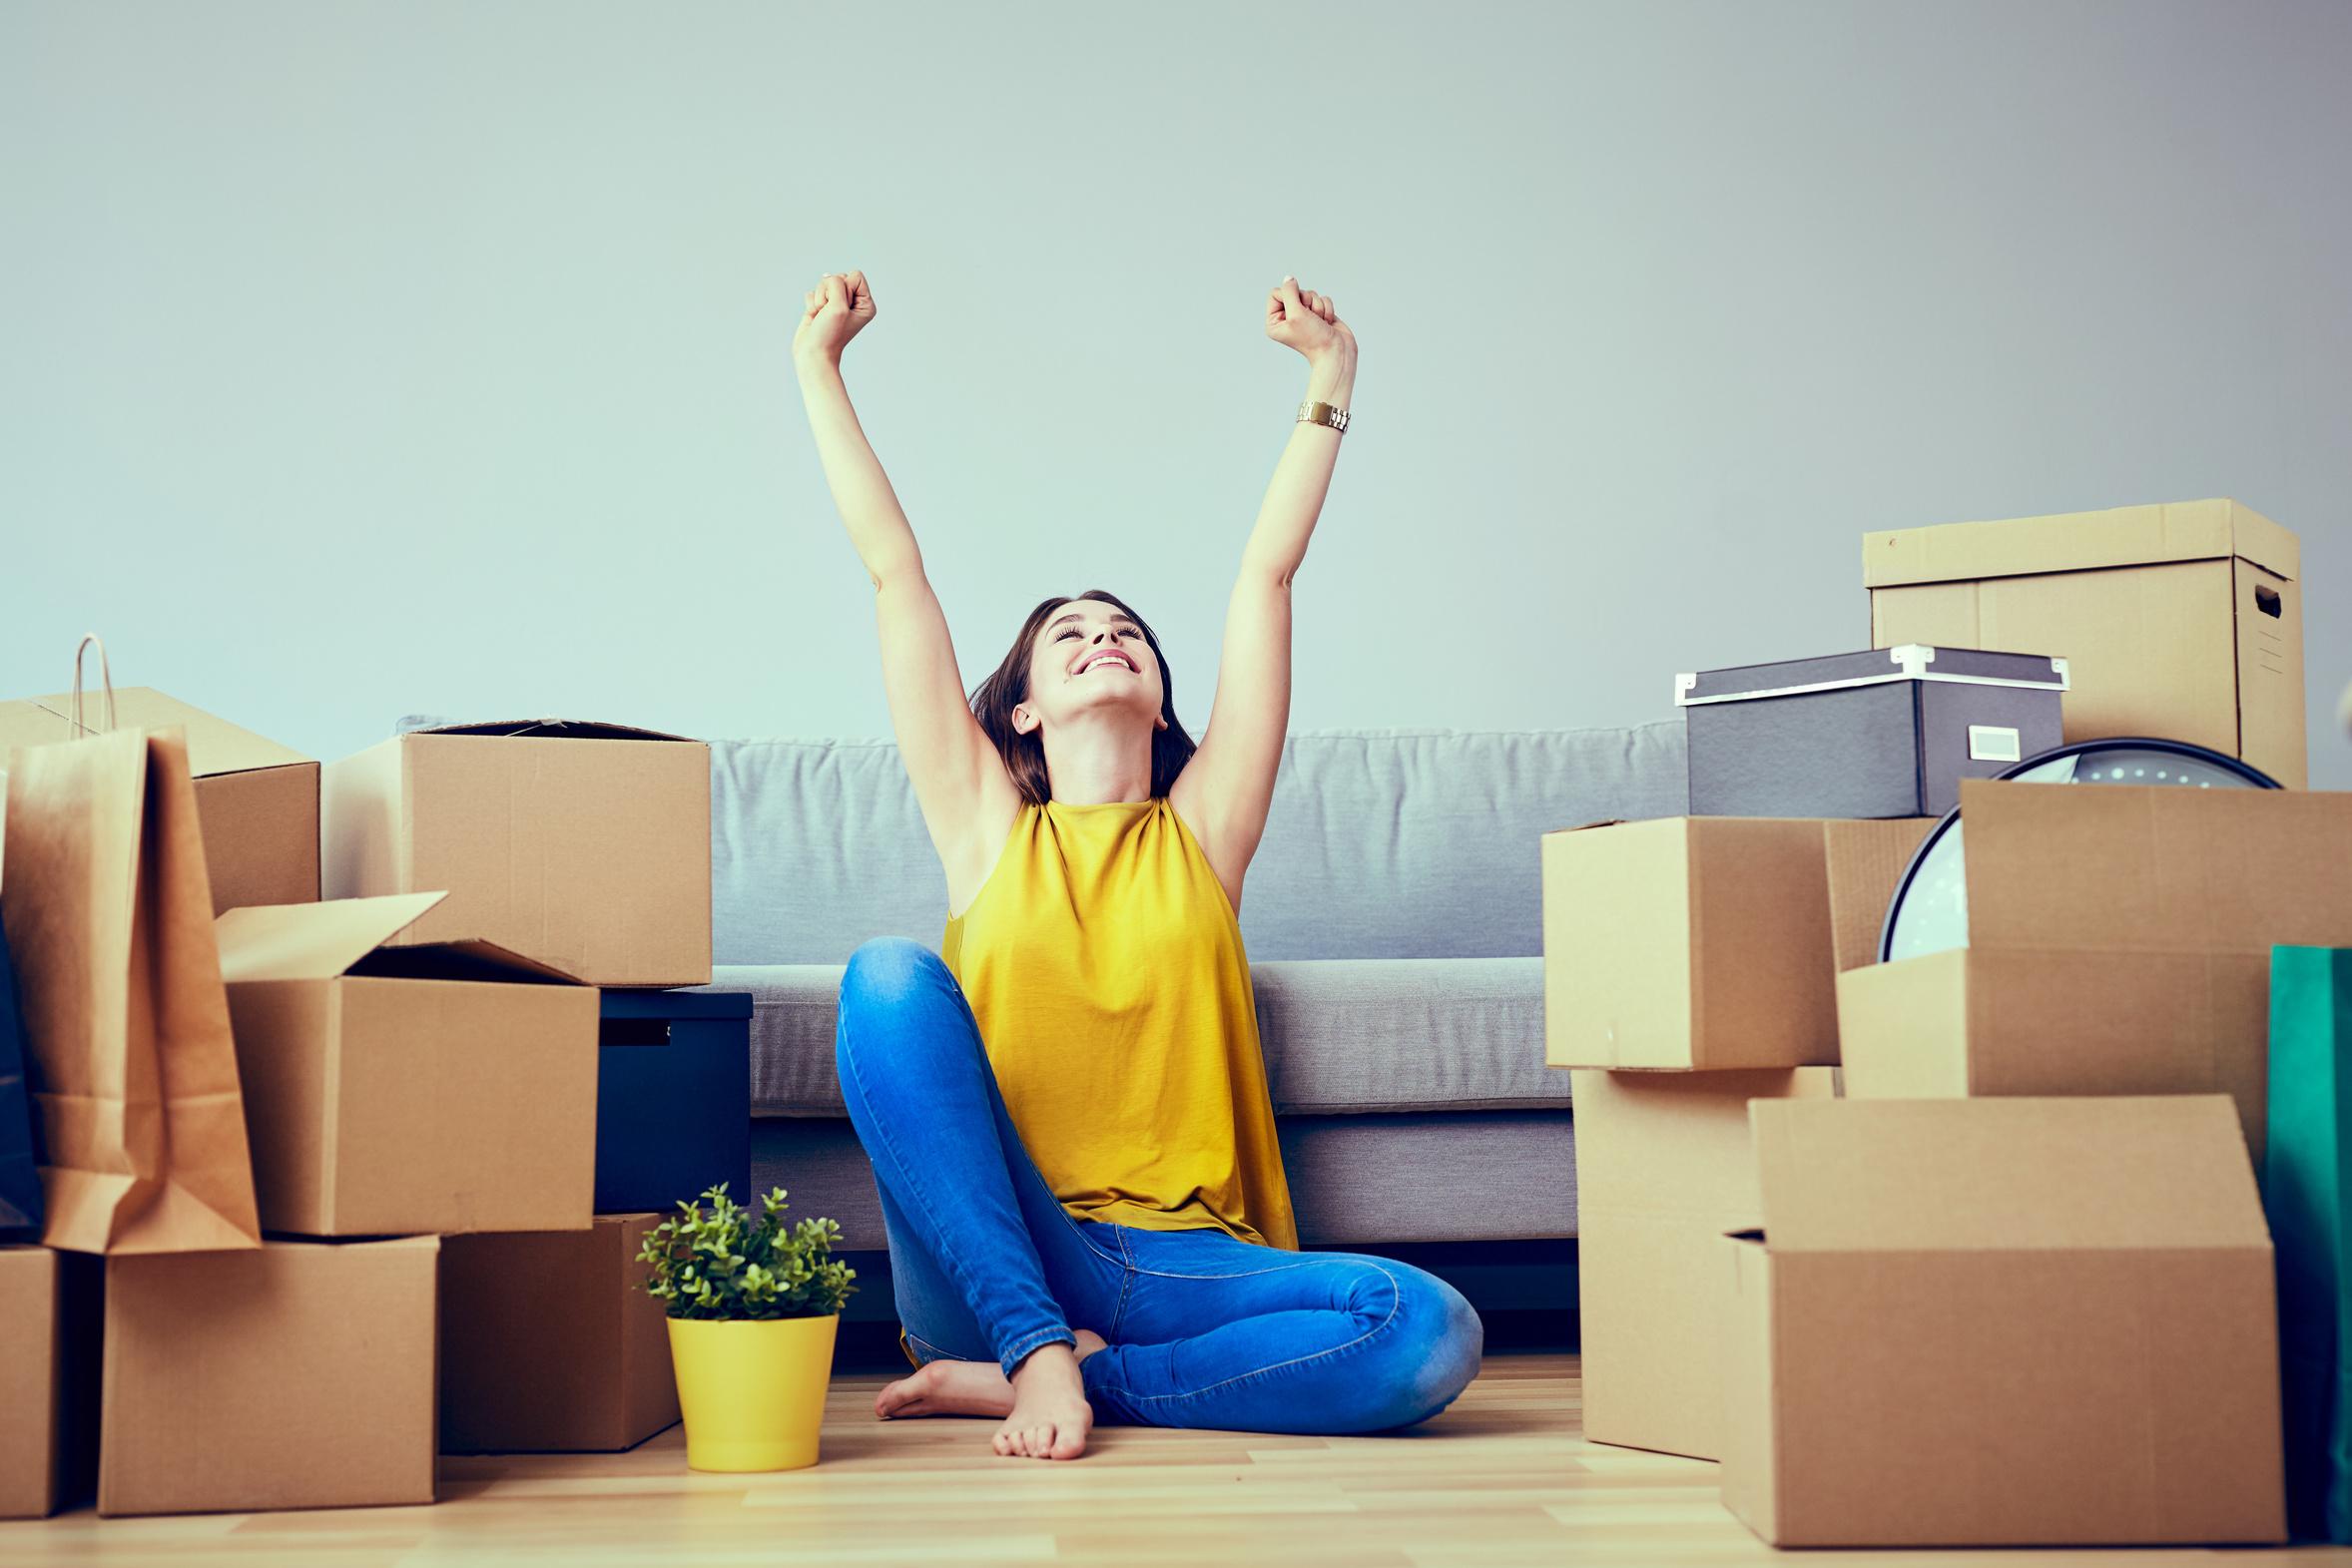 Appartement étudiant : 3 astuces pour bien aménager